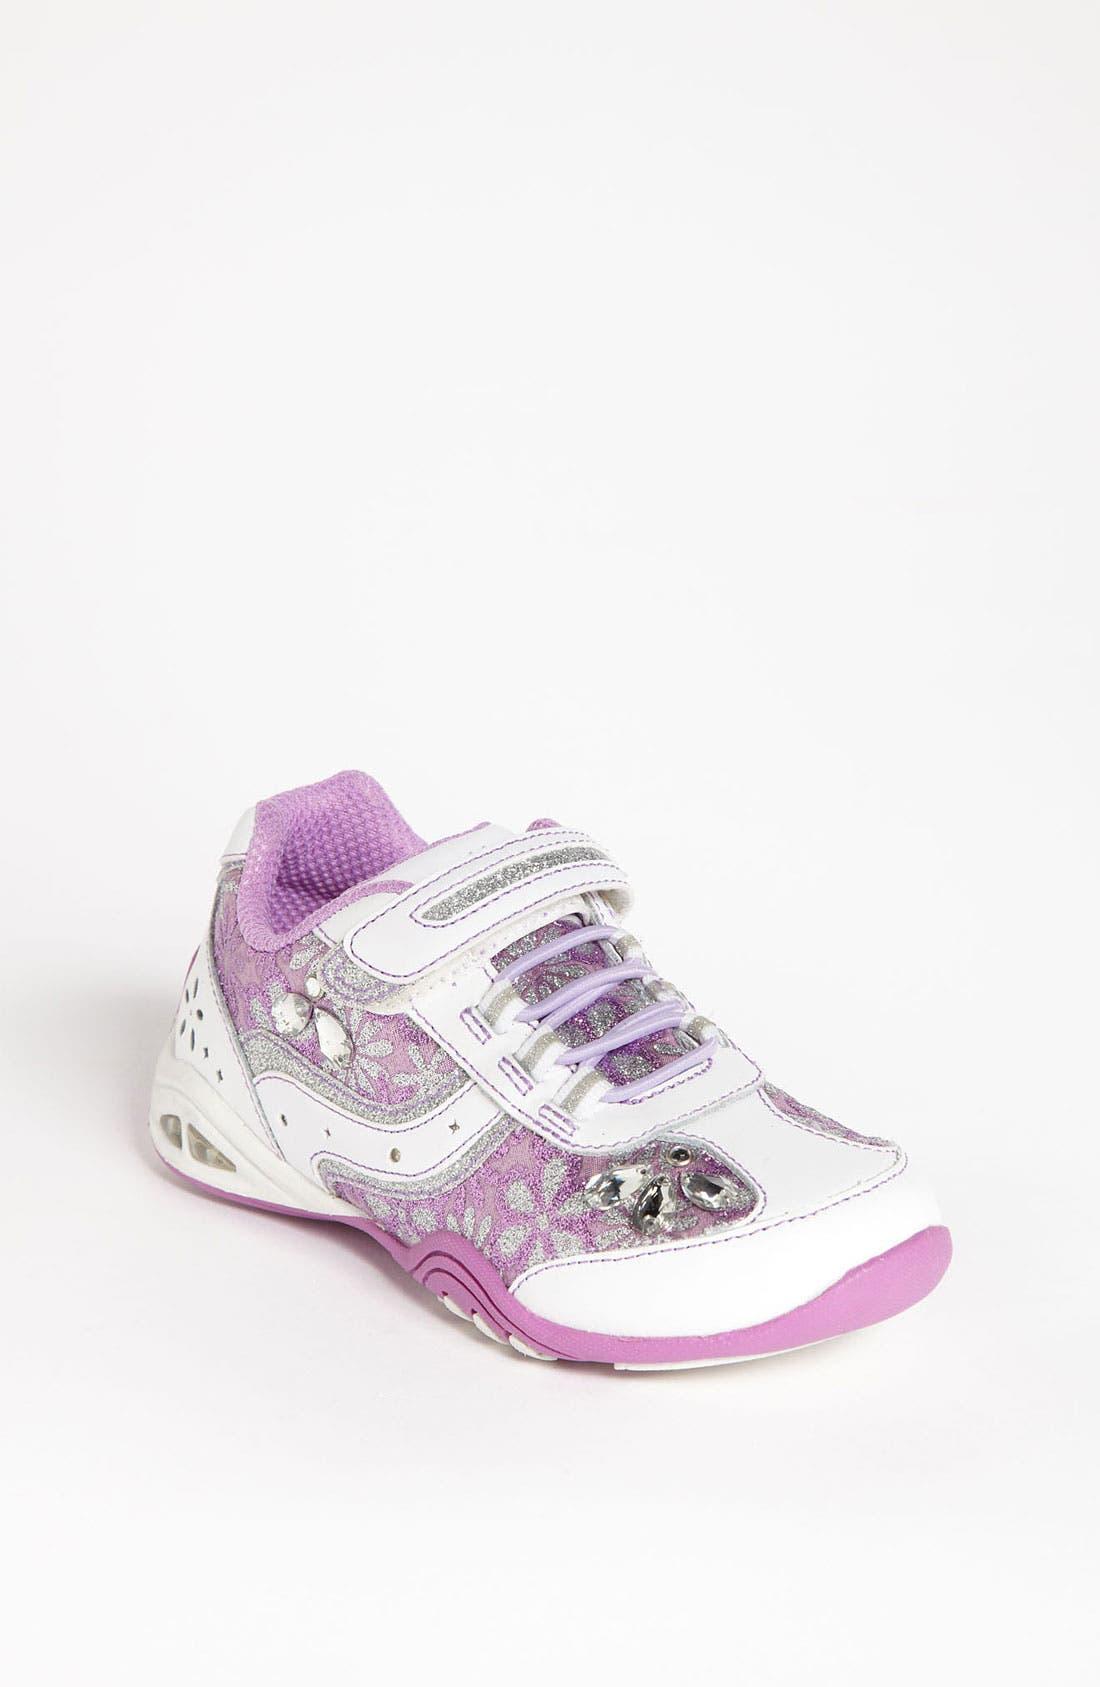 Main Image - Stride Rite 'Mona' Sneaker (Toddler & Little Kid)